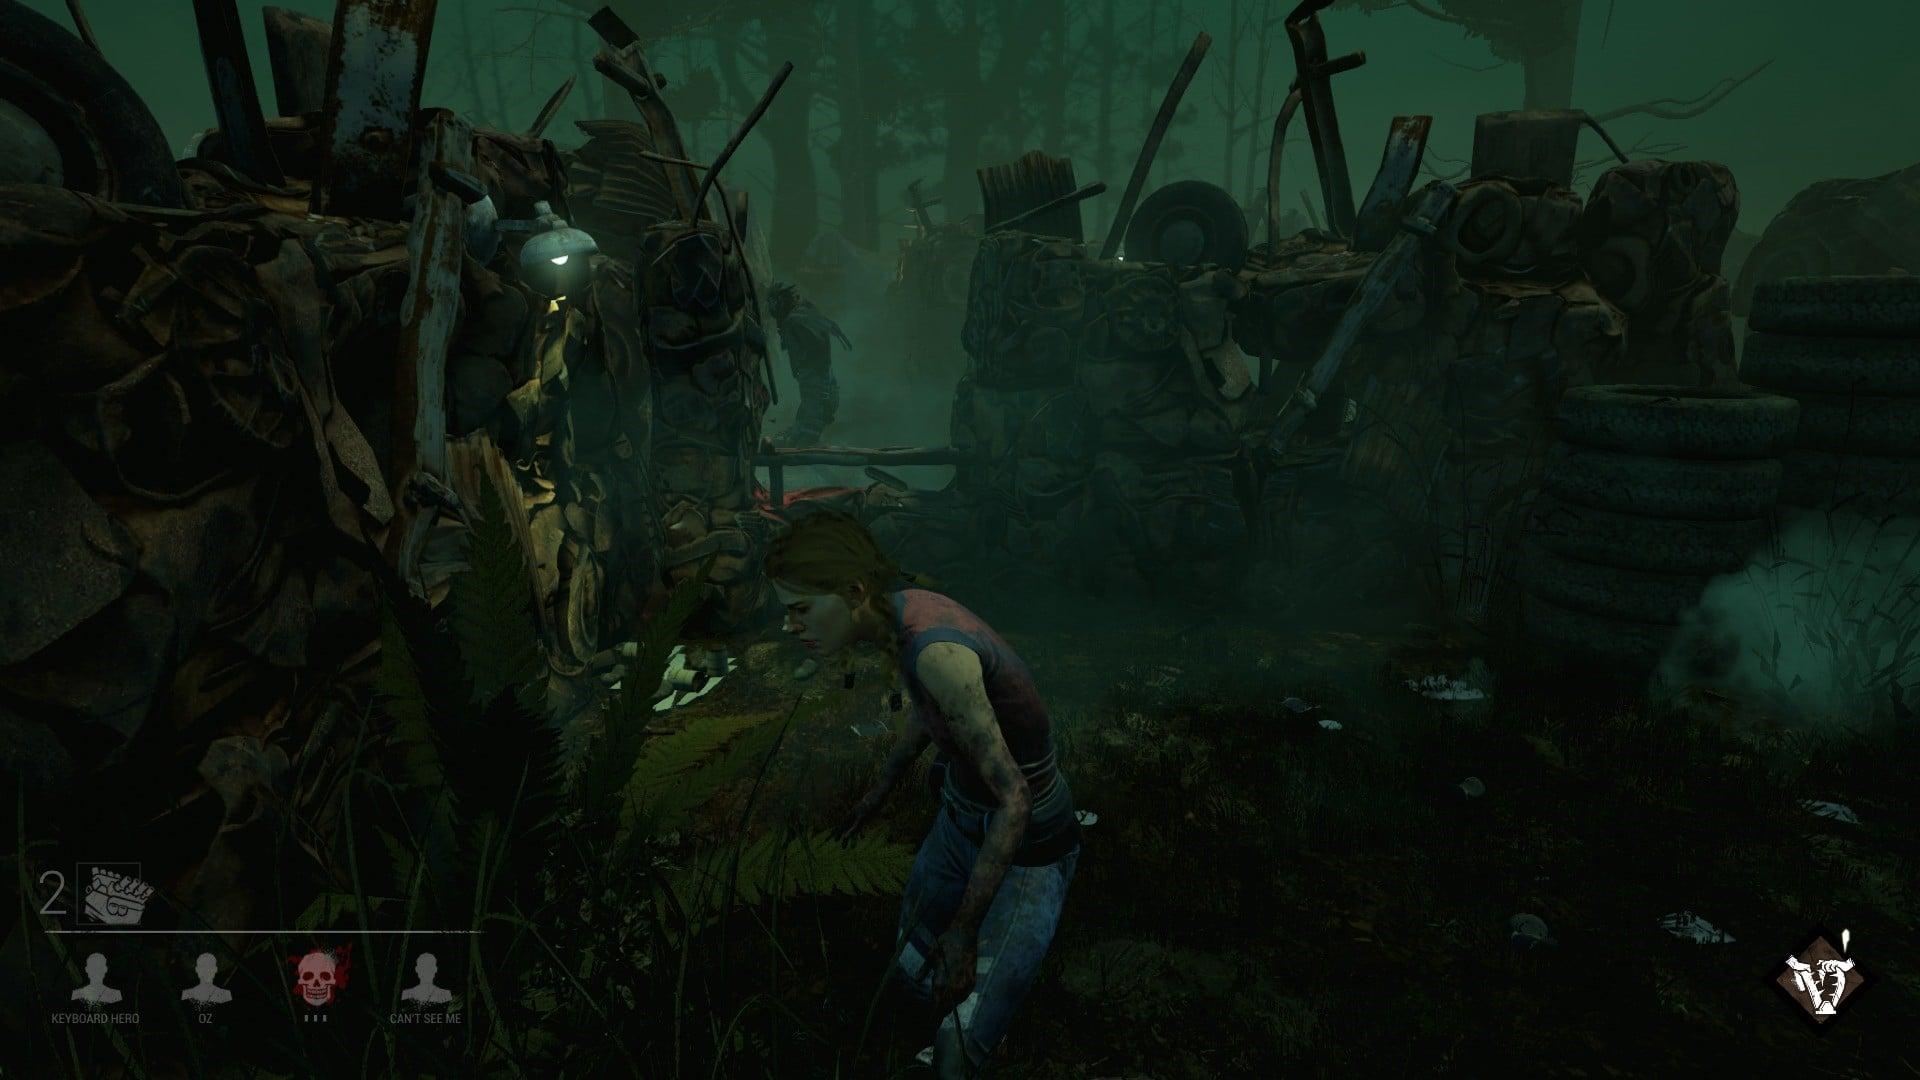 黎明死線 Dead by Daylight 倖存者逃跑技巧及屠夫應對方法 倖存者怎麼贏